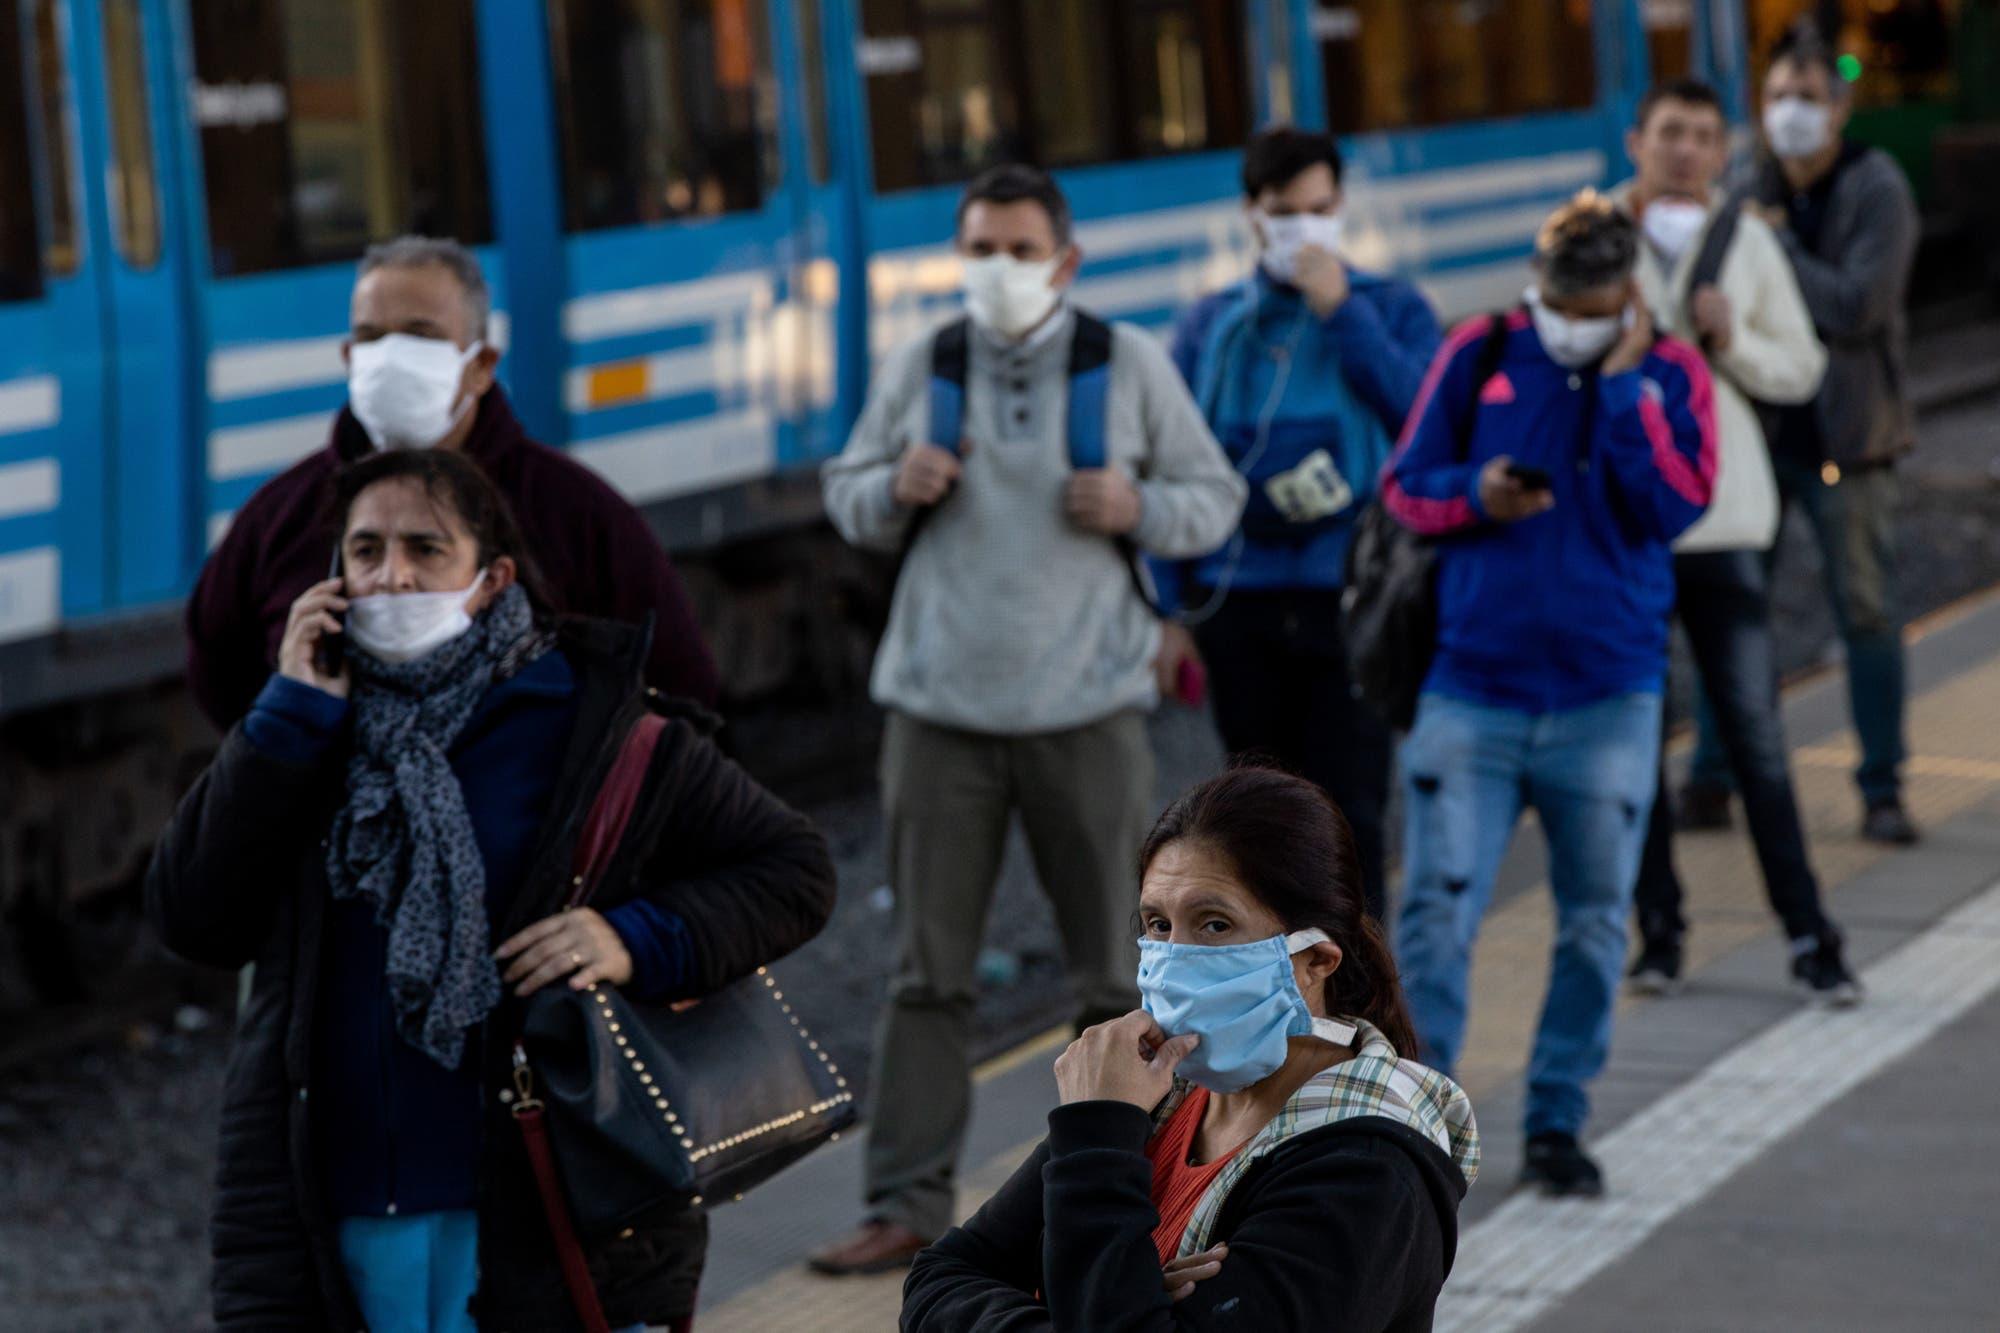 """Dura carta: los expertos piden al Gobierno tomar """"las medidas necesarias de bloqueo sanitario"""""""